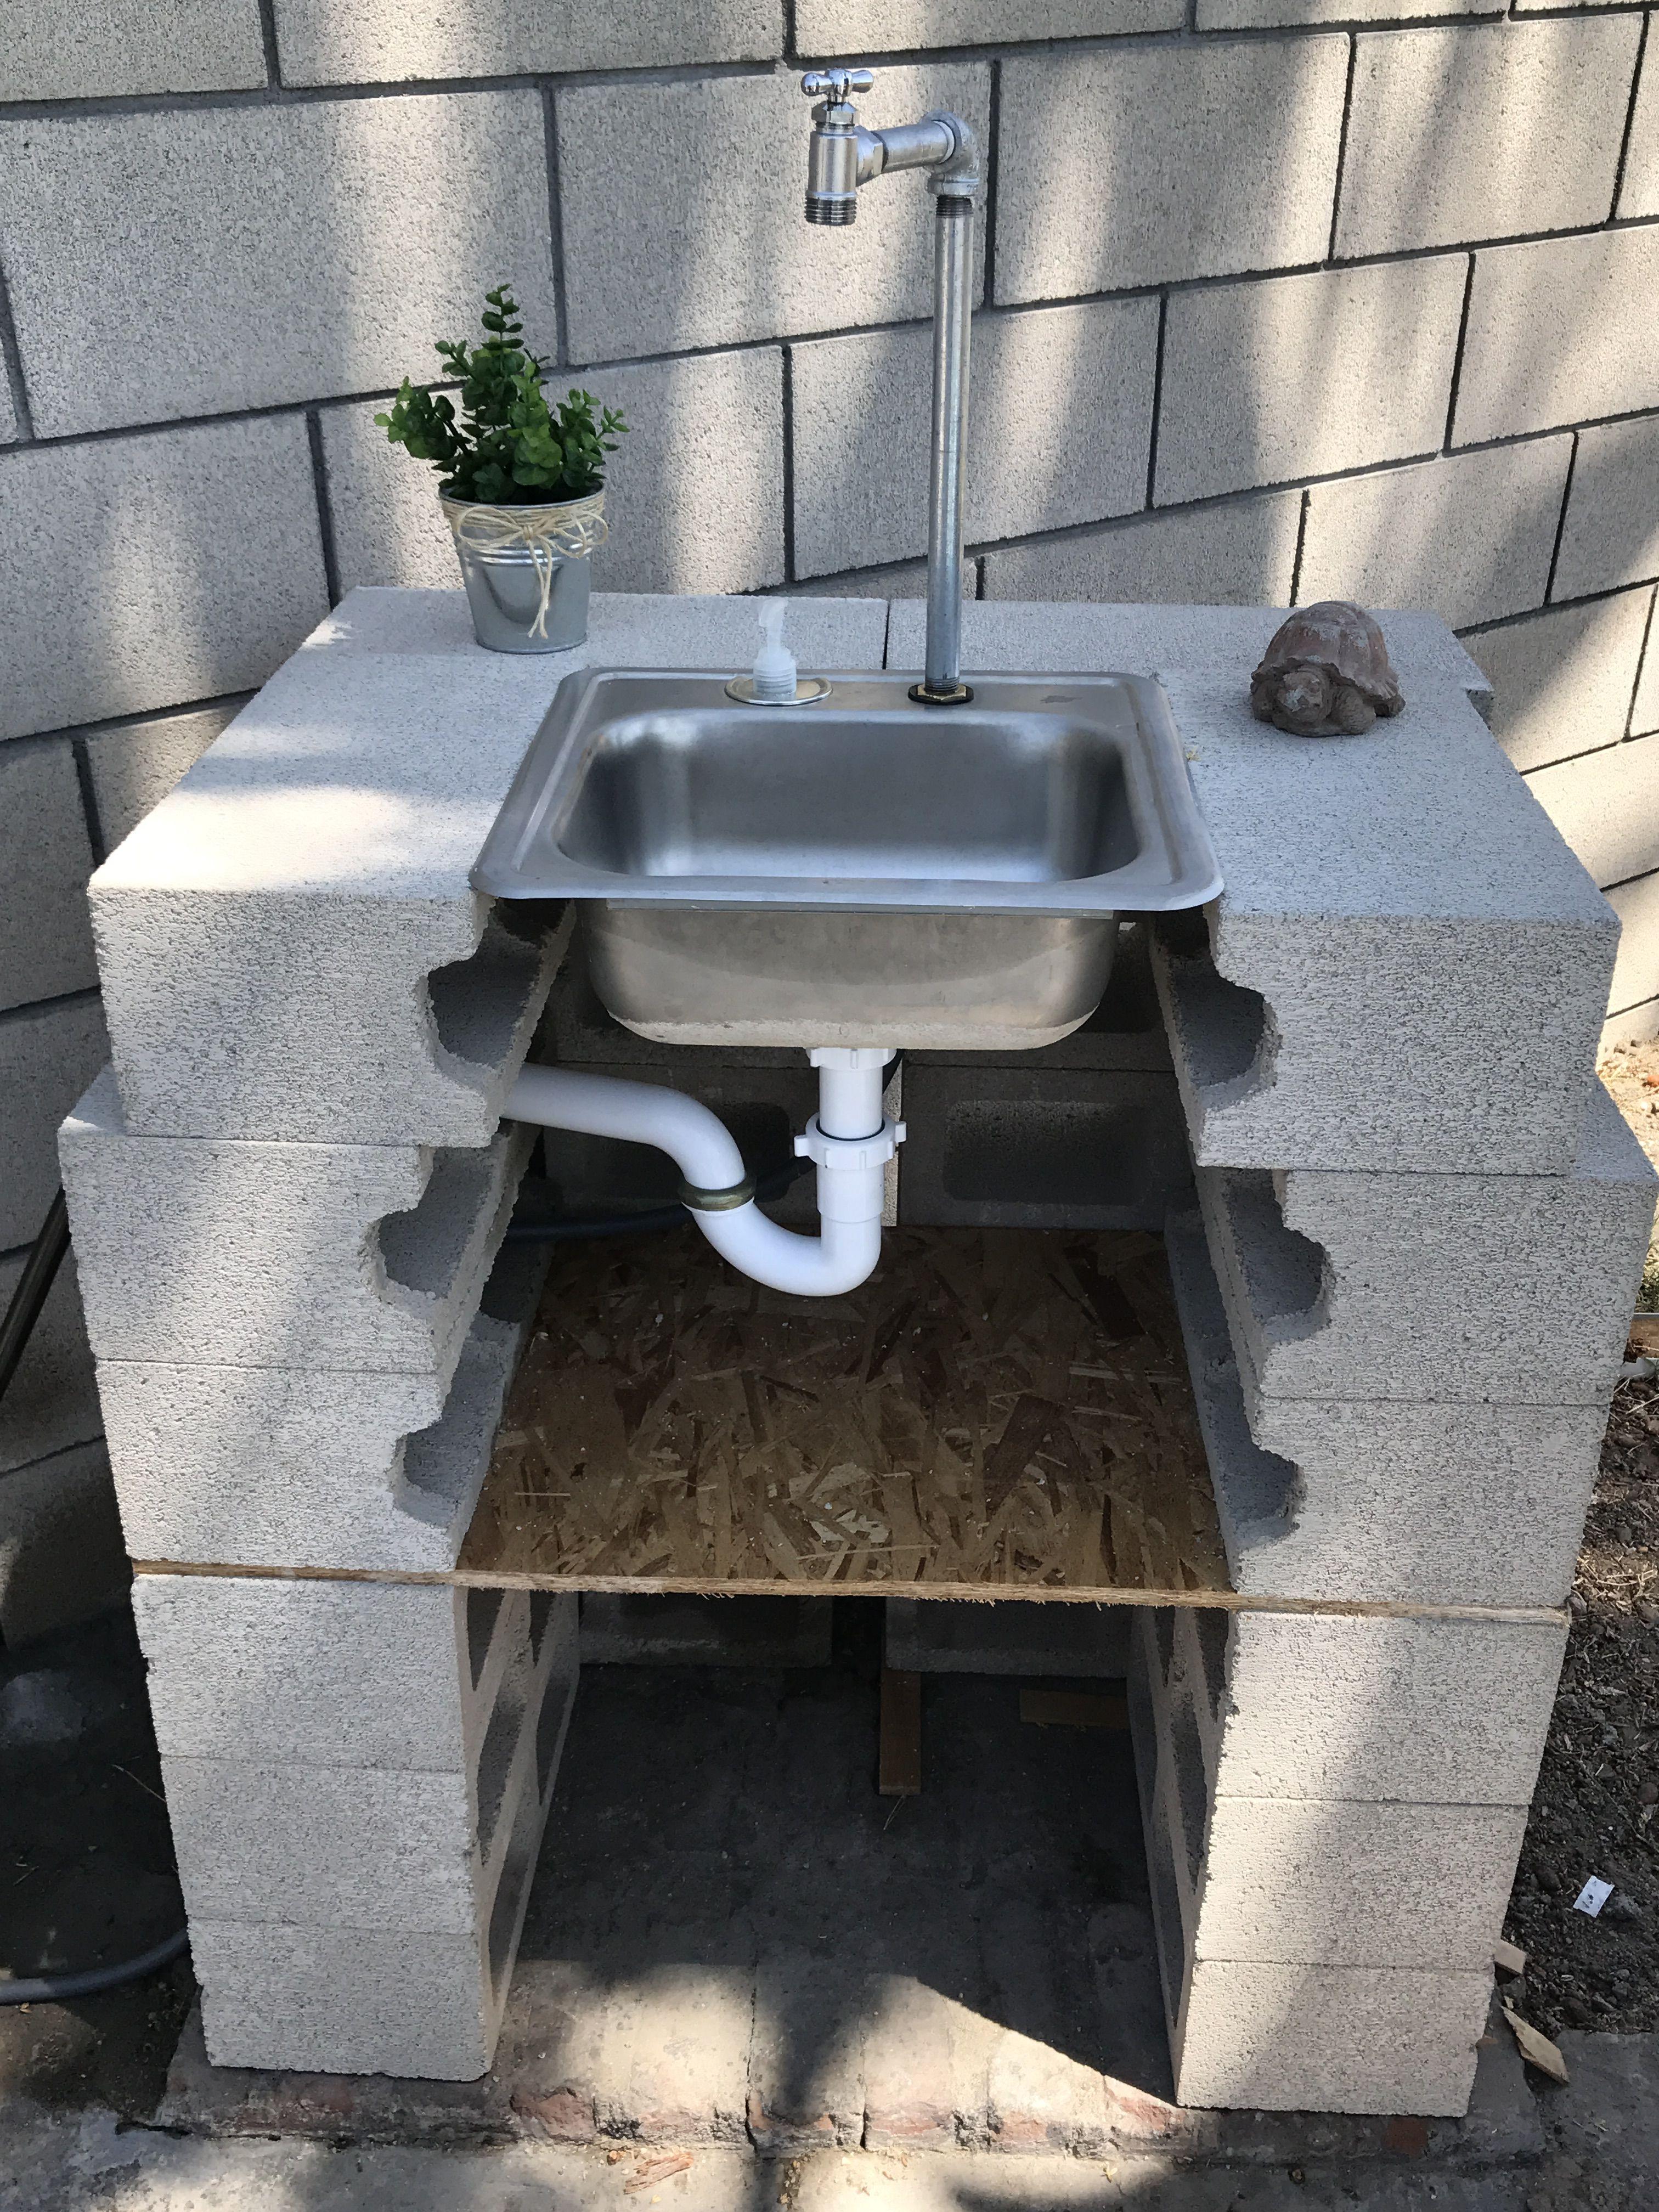 Cinderblock Diy Outdoor Sink Backyard Outdoor Sinks Outdoor Kitchen Sink